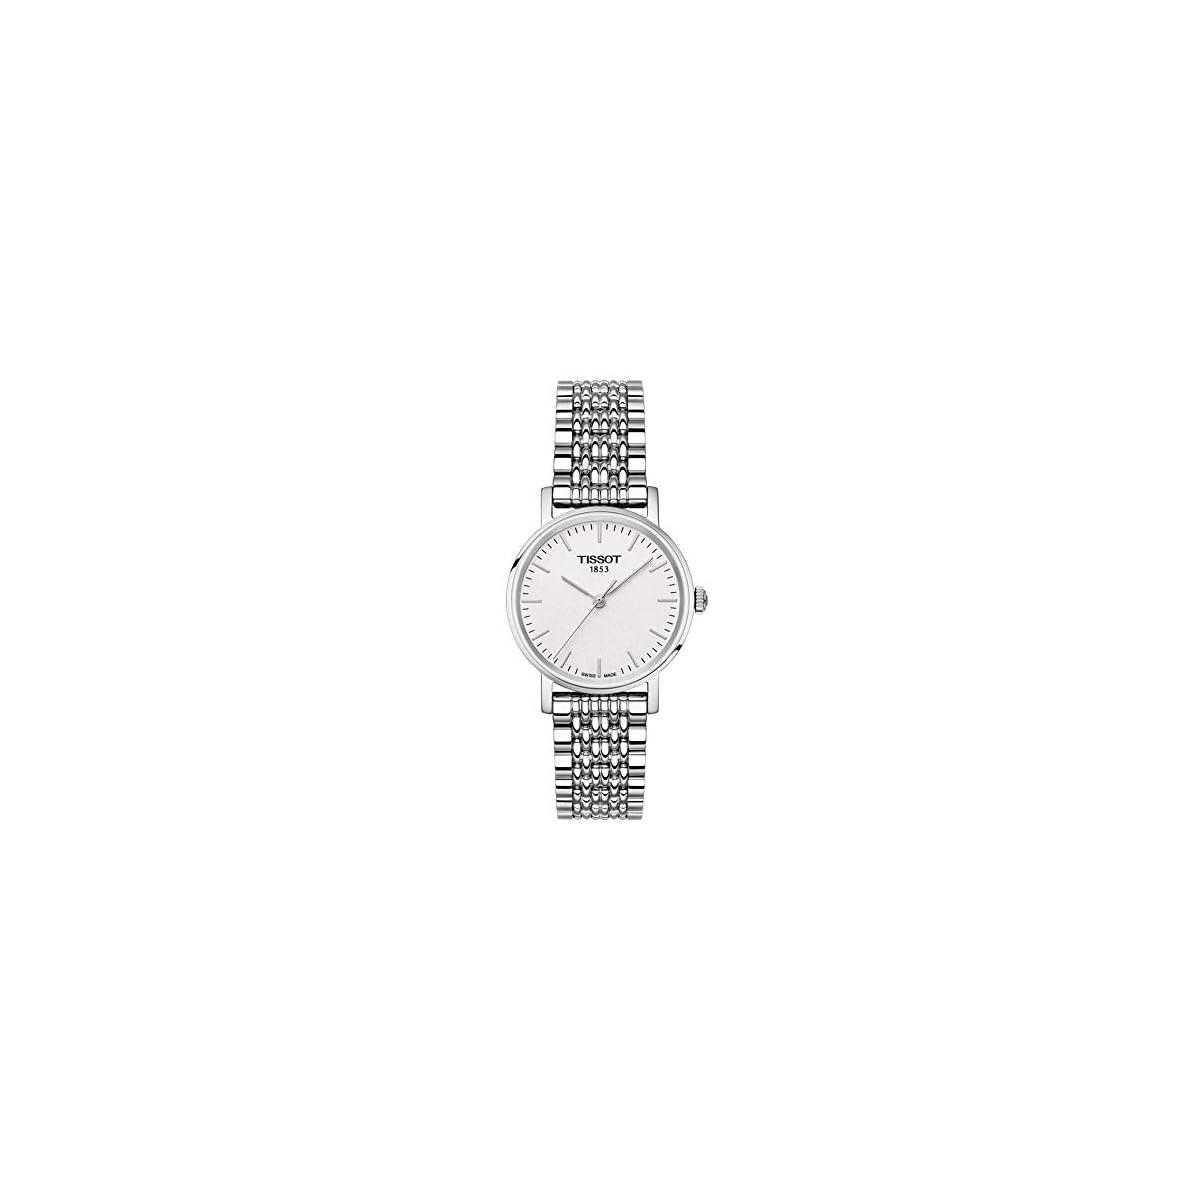 41N7fTxFJLL. SS1200  - Tissot Reloj Analógico para Unisex Adultos de Cuarzo con Correa en Acero Inoxidable T1092101103300